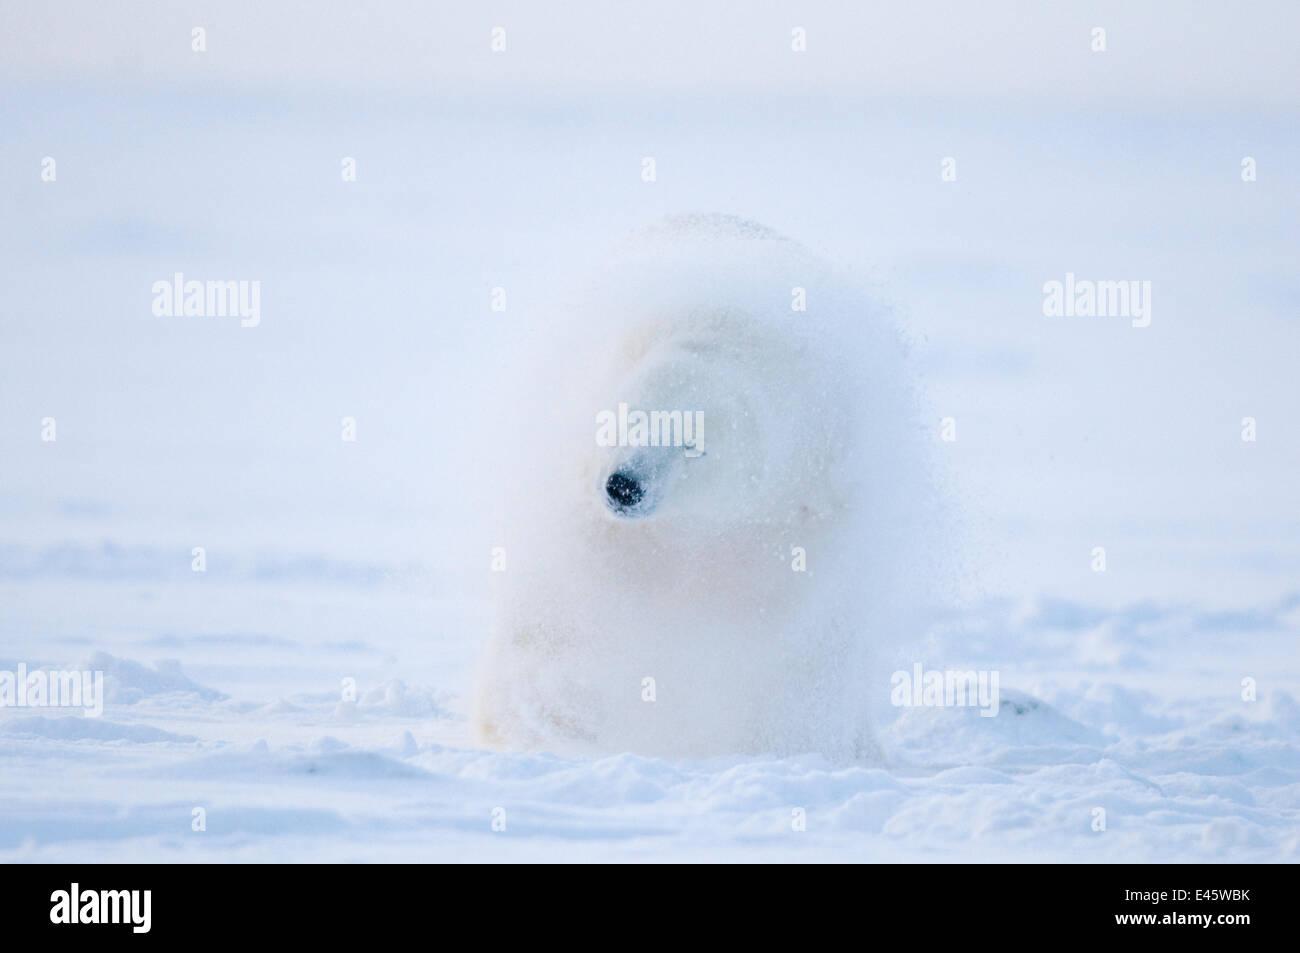 El oso polar (Ursus maritimus) menores se sacude la nieve después de rodar en la banquisa, costa ártica, Imagen De Stock